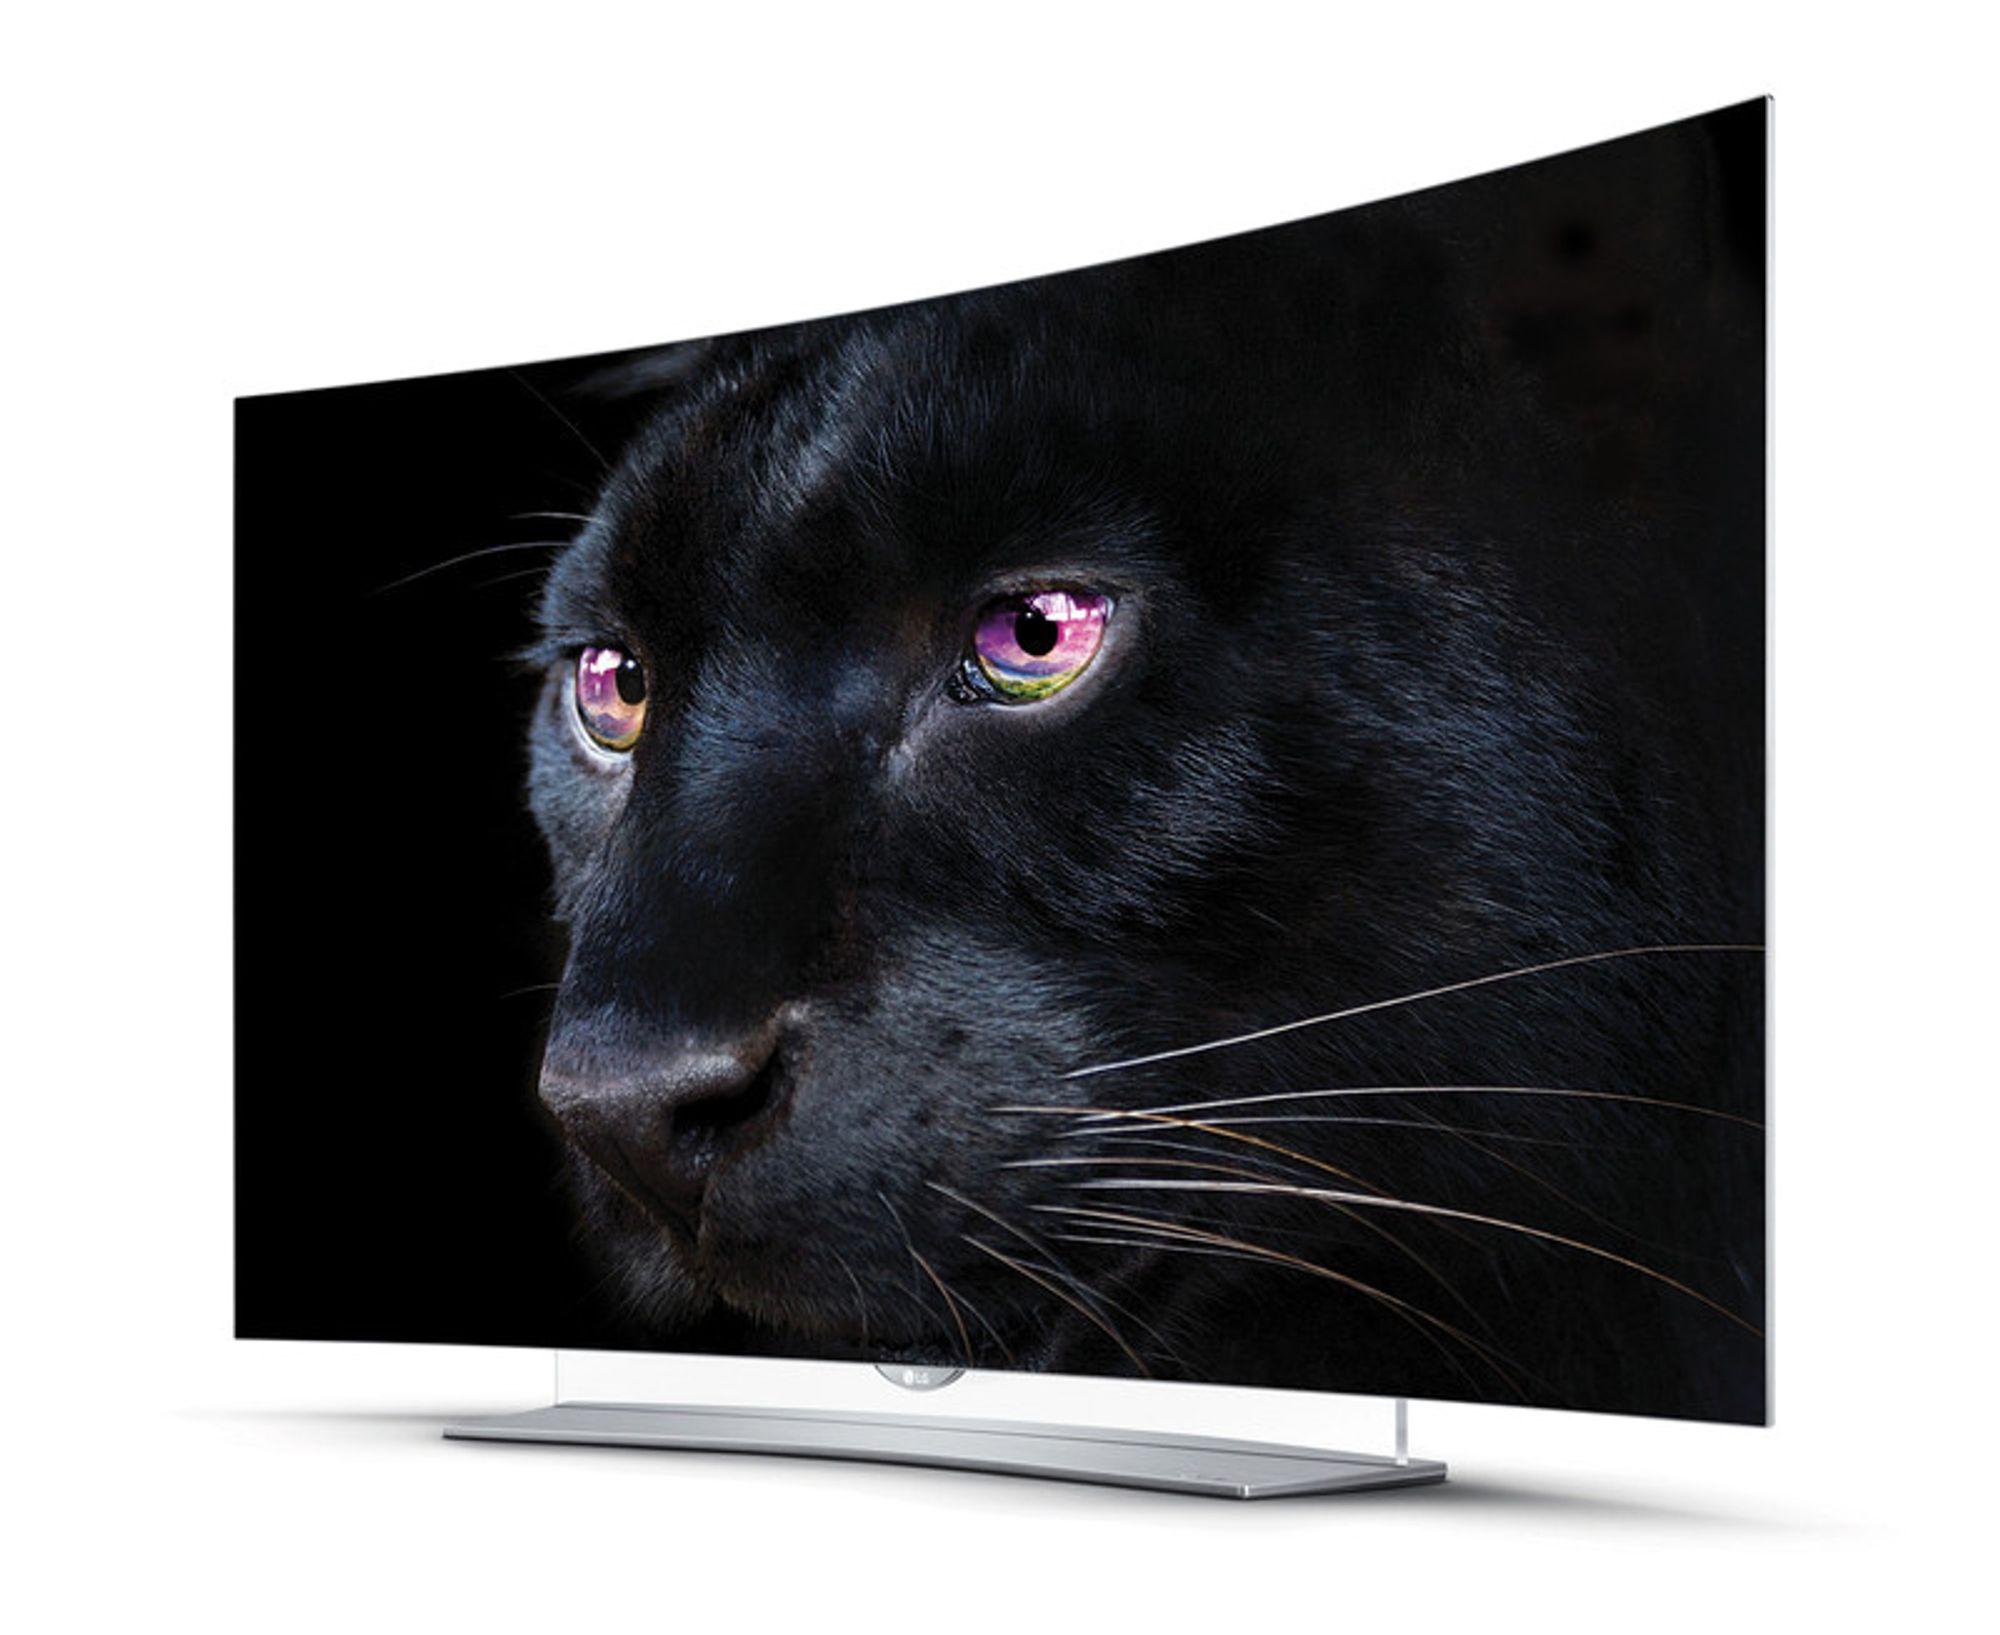 e41db6f6 Best på sort: Ingen direktesending som kan måle seg med disse 4K opptakene  hvor både sortnivå og fargeprakt kommer til sin rett. Få, om noen andre  TV-er, ...